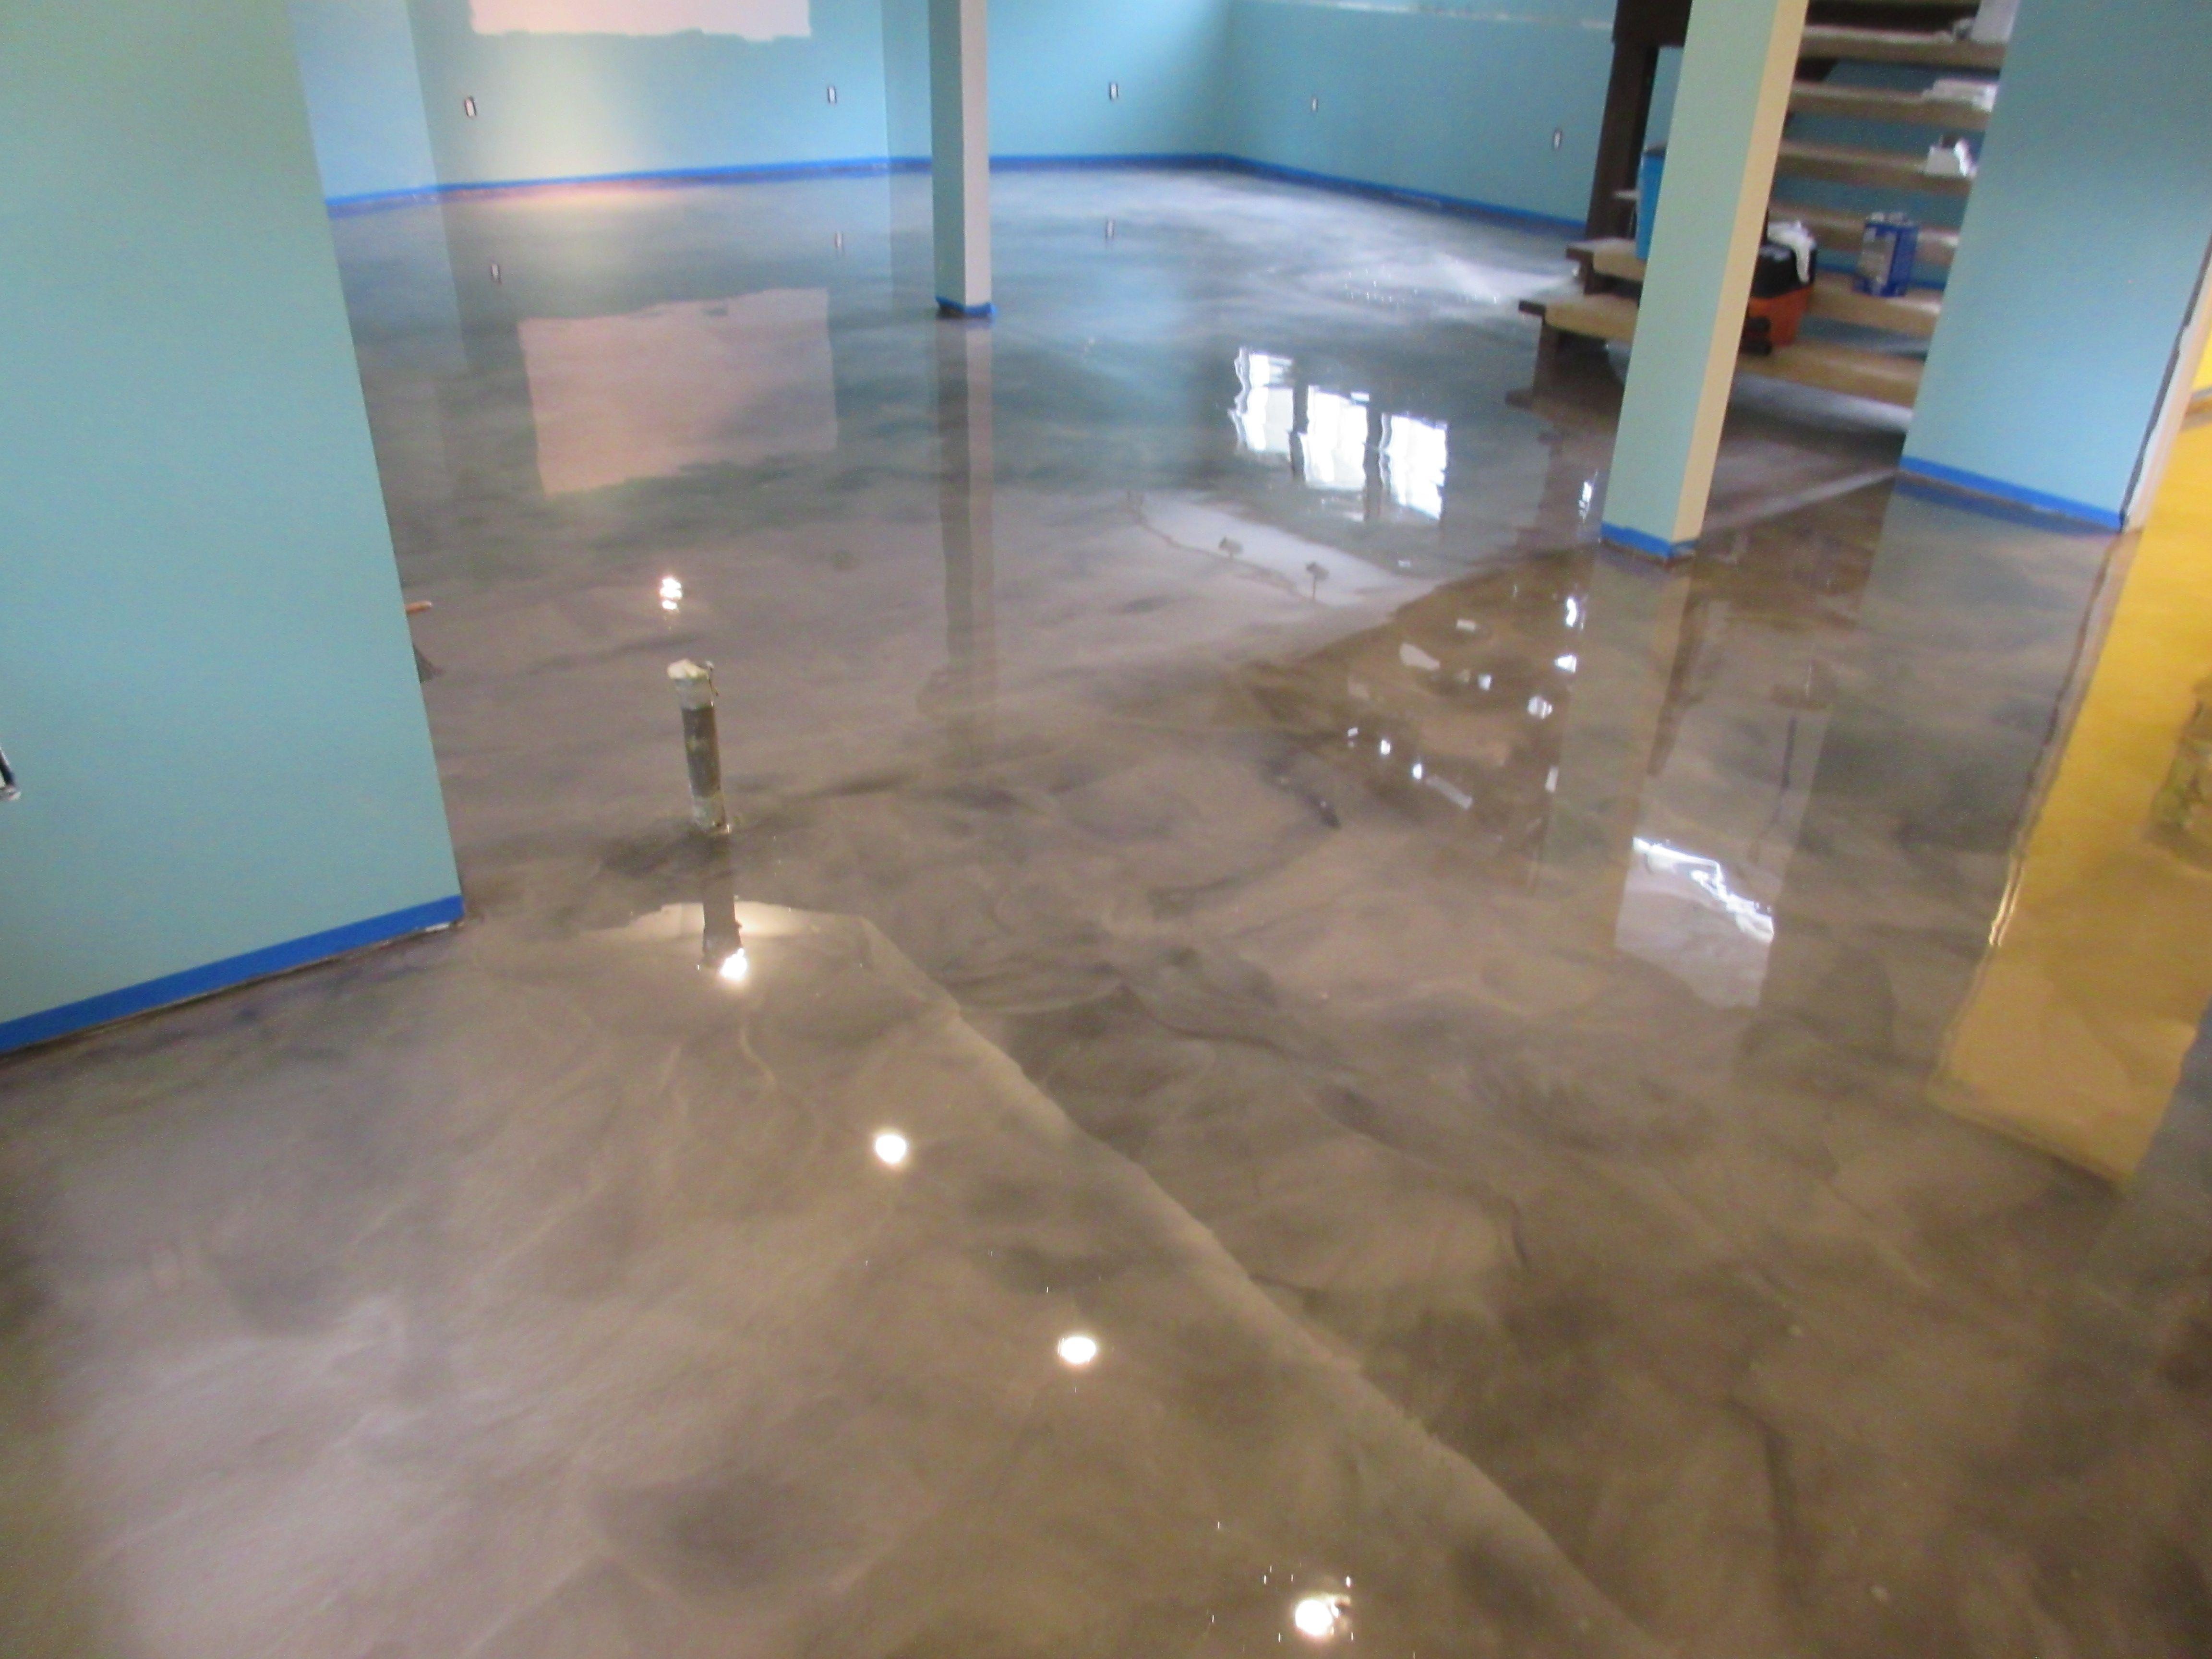 Unbelievable Epoxy Basement Floor Transformation Basement Flooring Options Basement Flooring Metallic Epoxy Floor